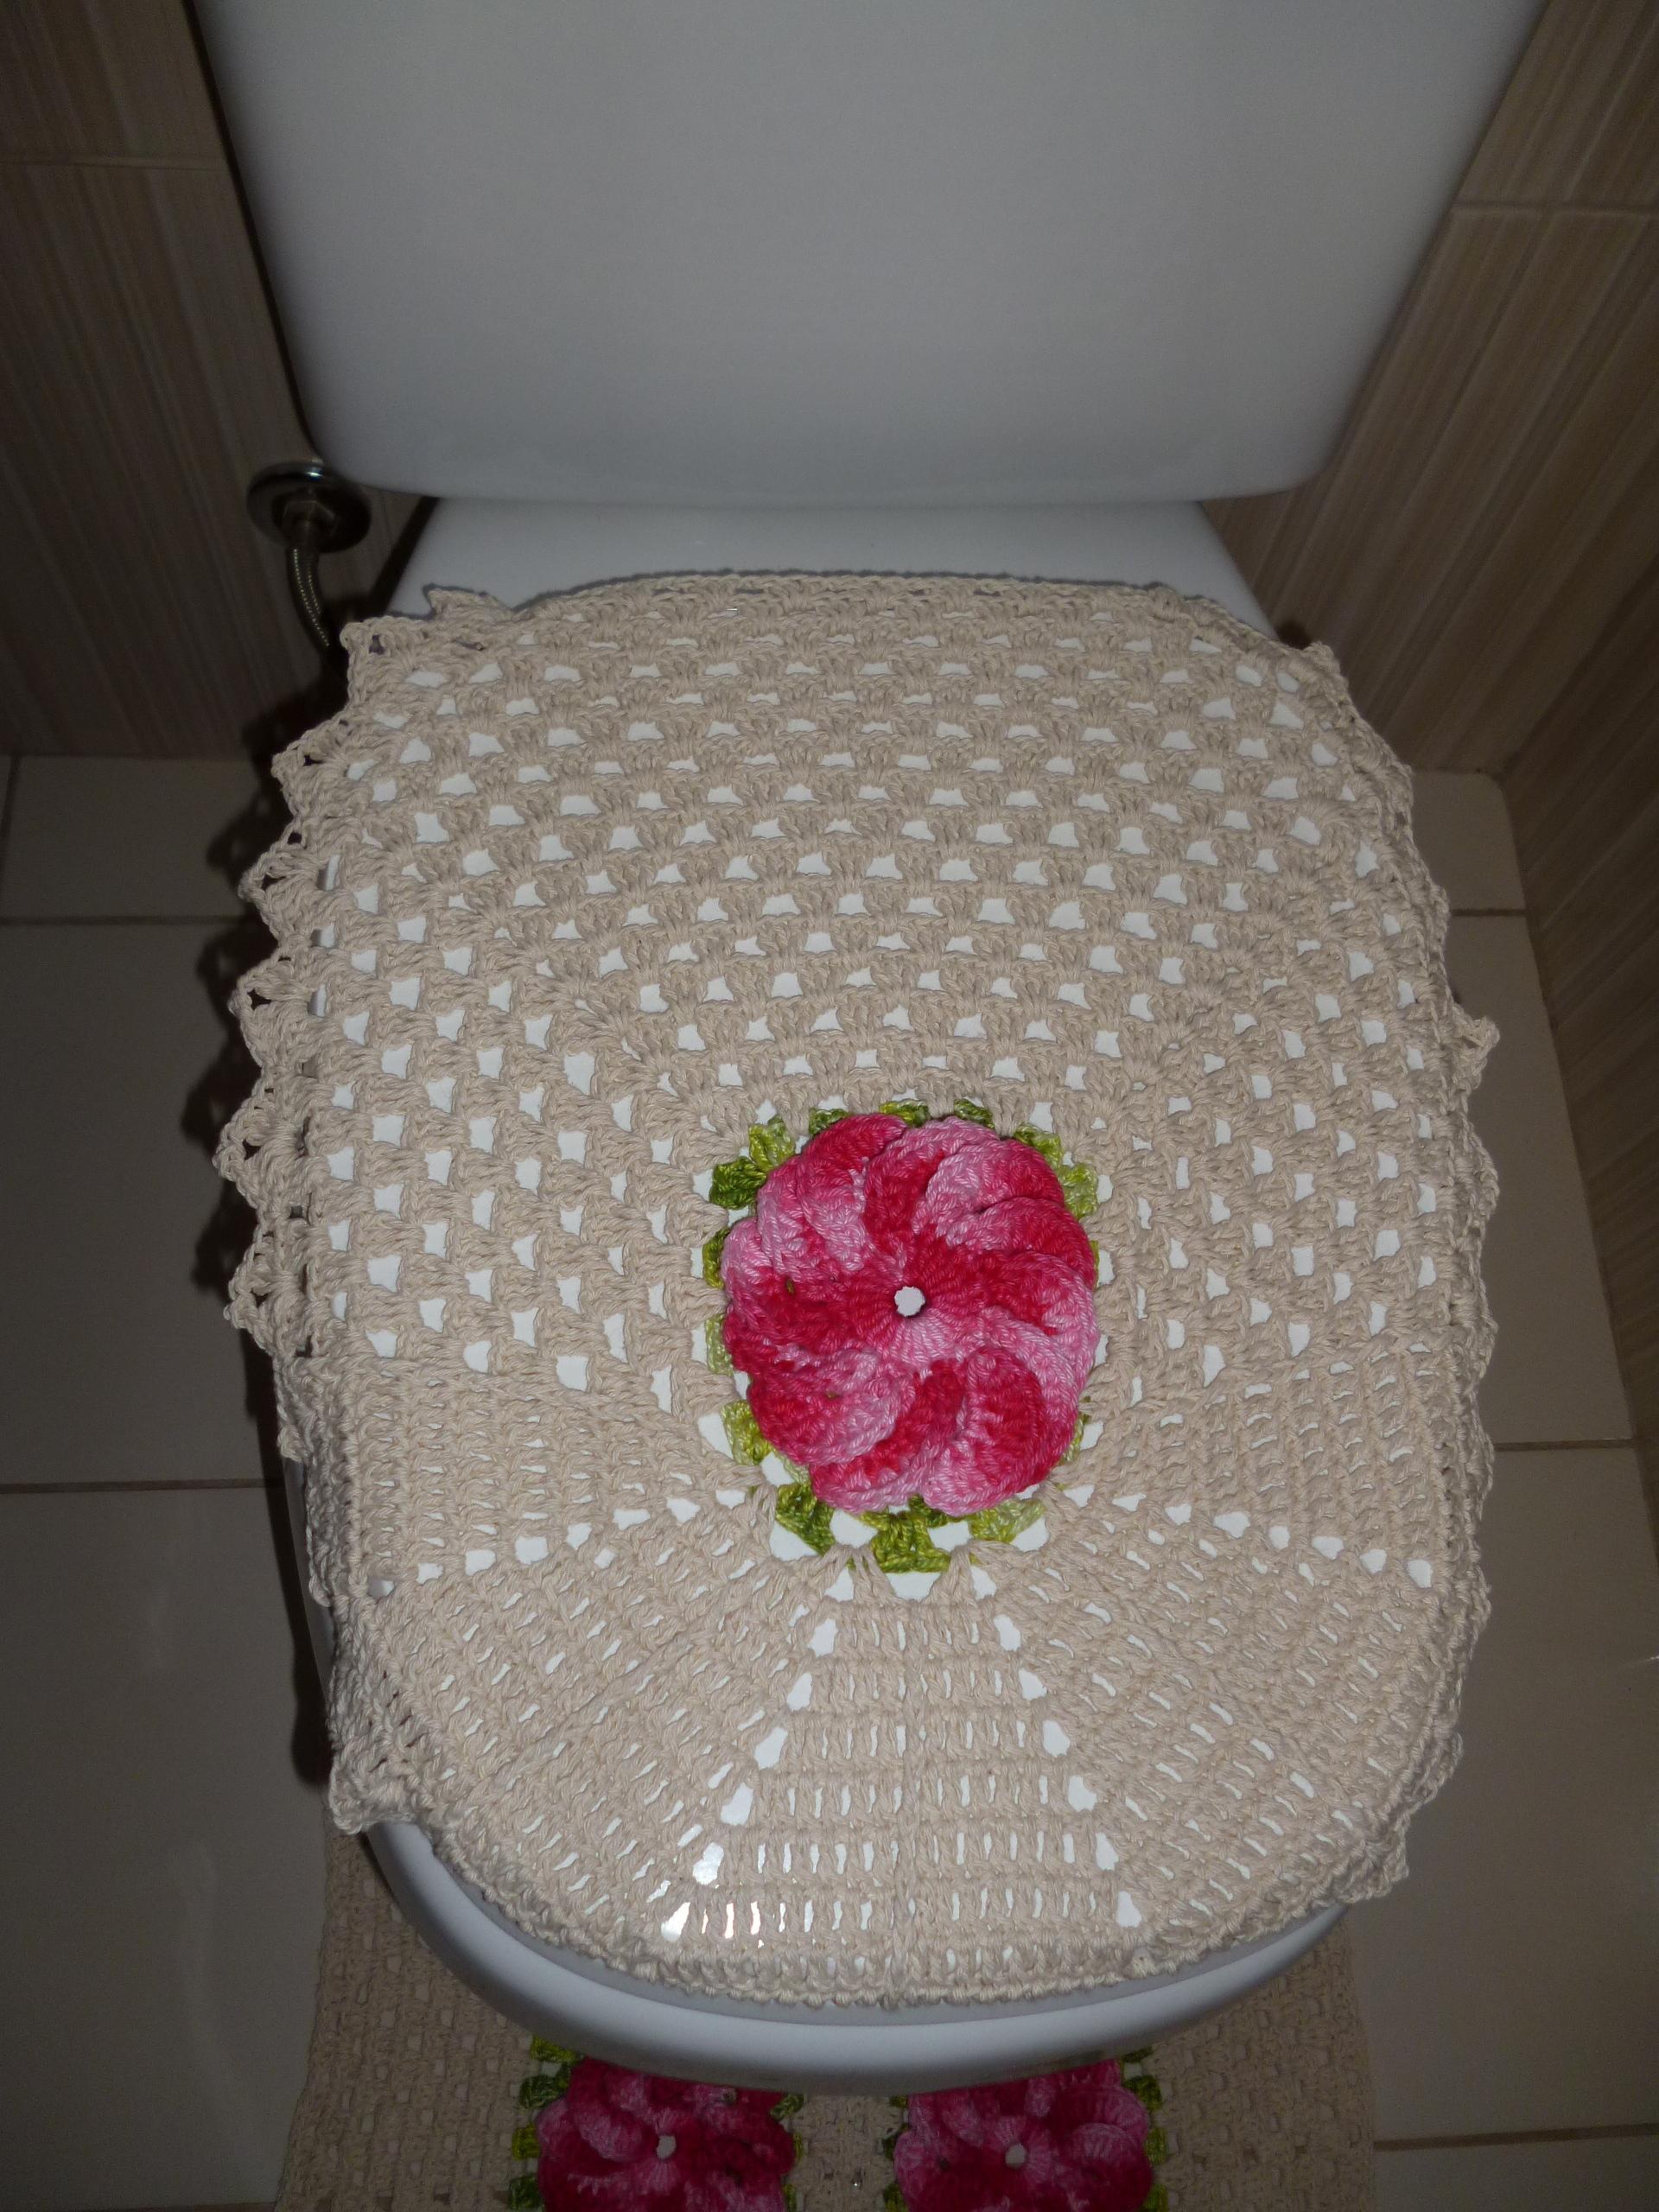 Capa Para Assento De Vaso Sanitário VITRINE DARTE Elo7 #86233A 1920x2560 Assento De Banheiro Para Idoso